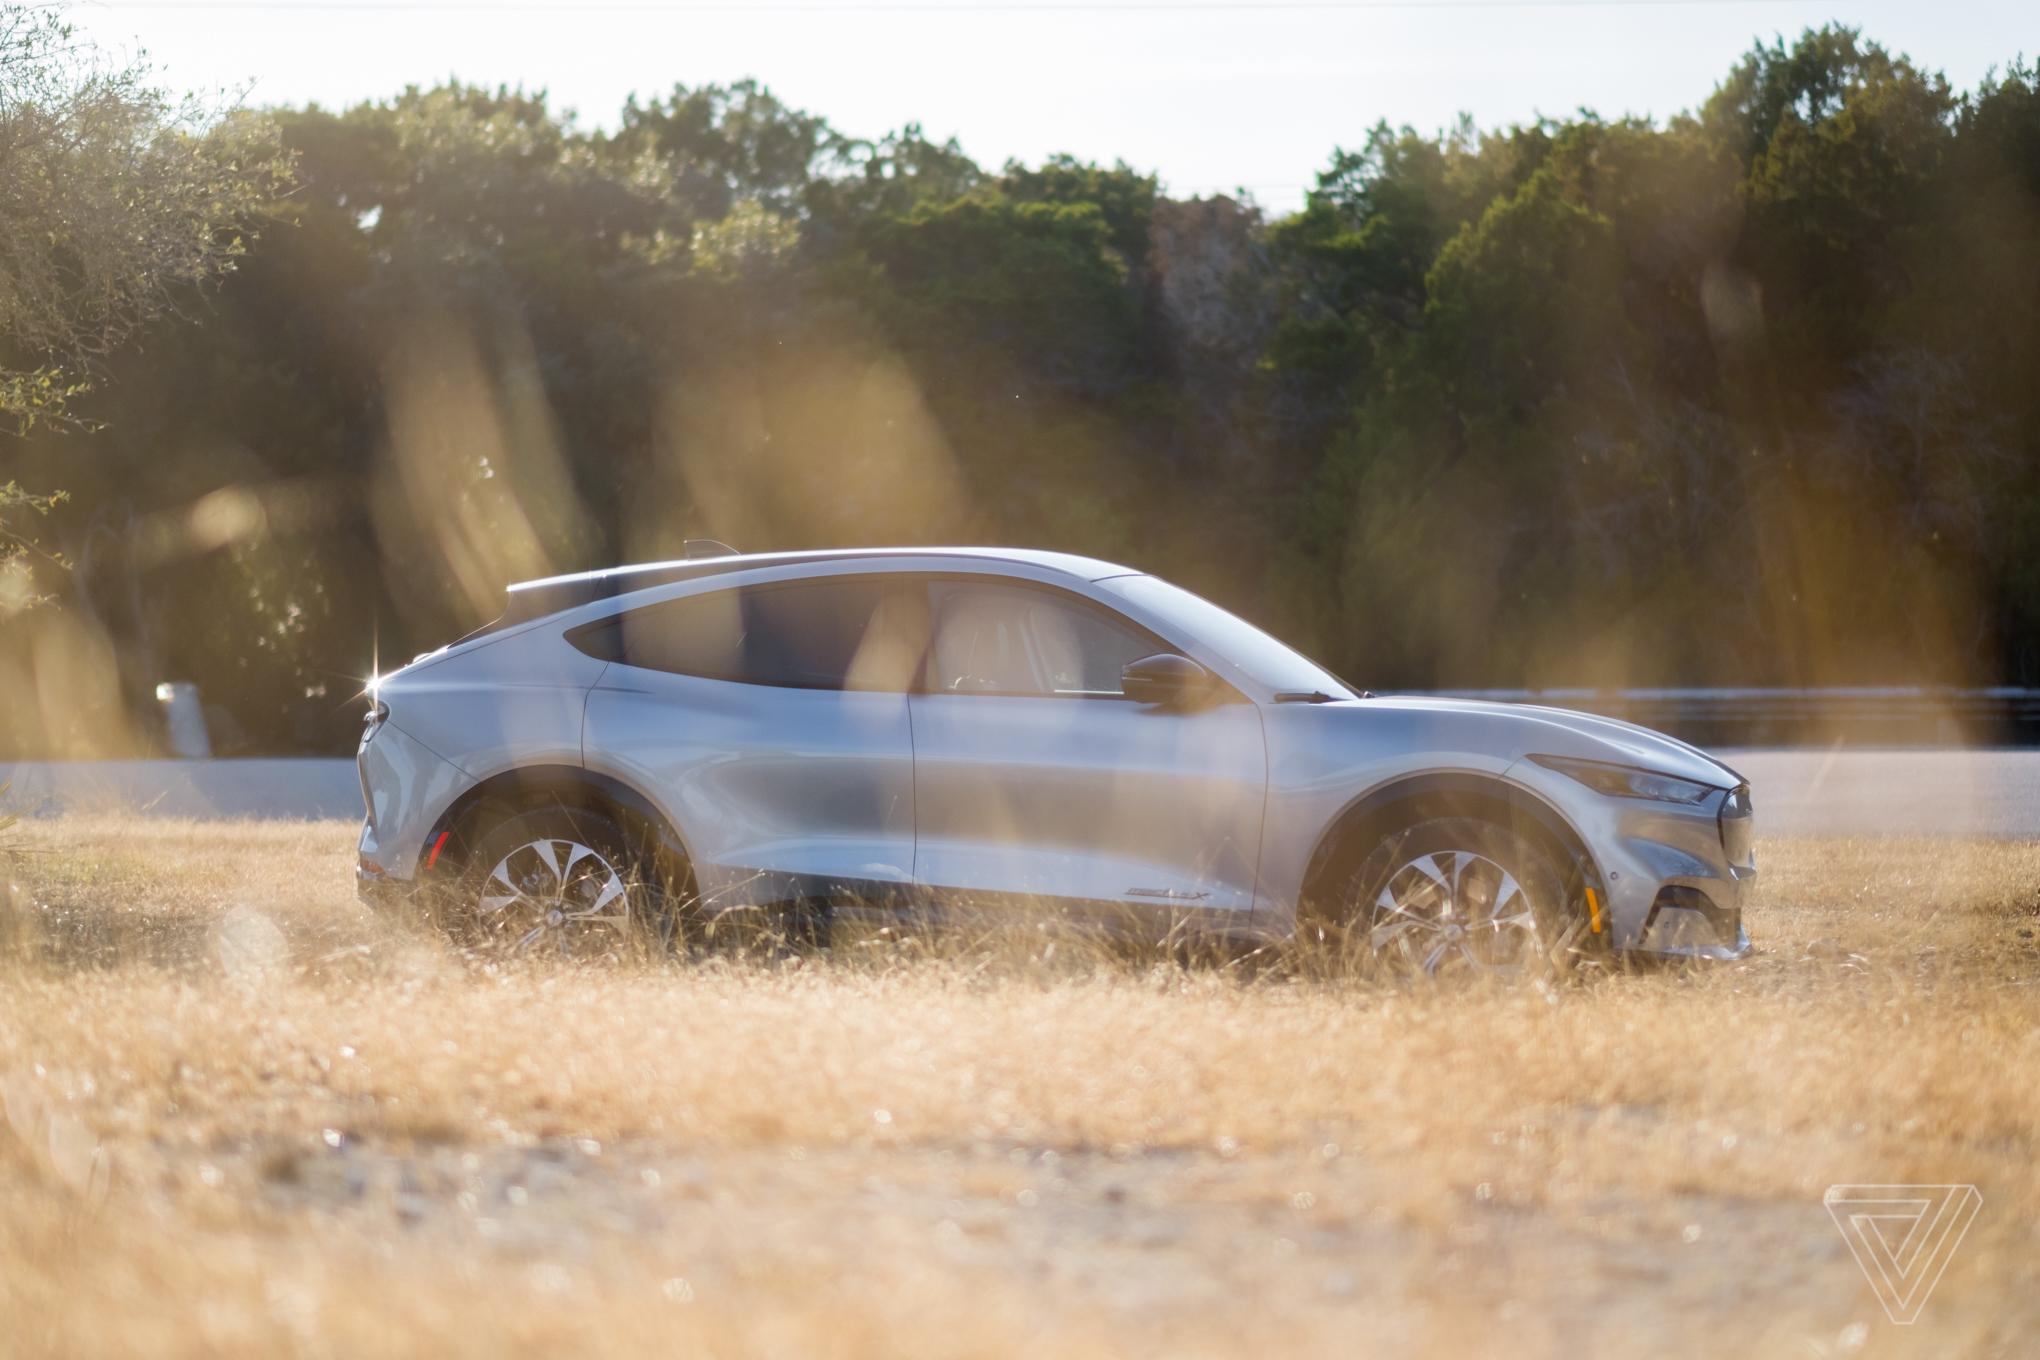 Ford будет утилизировать батареи своих электромобилей через стартап одного из бывших руководителей Tesla - ITC.ua